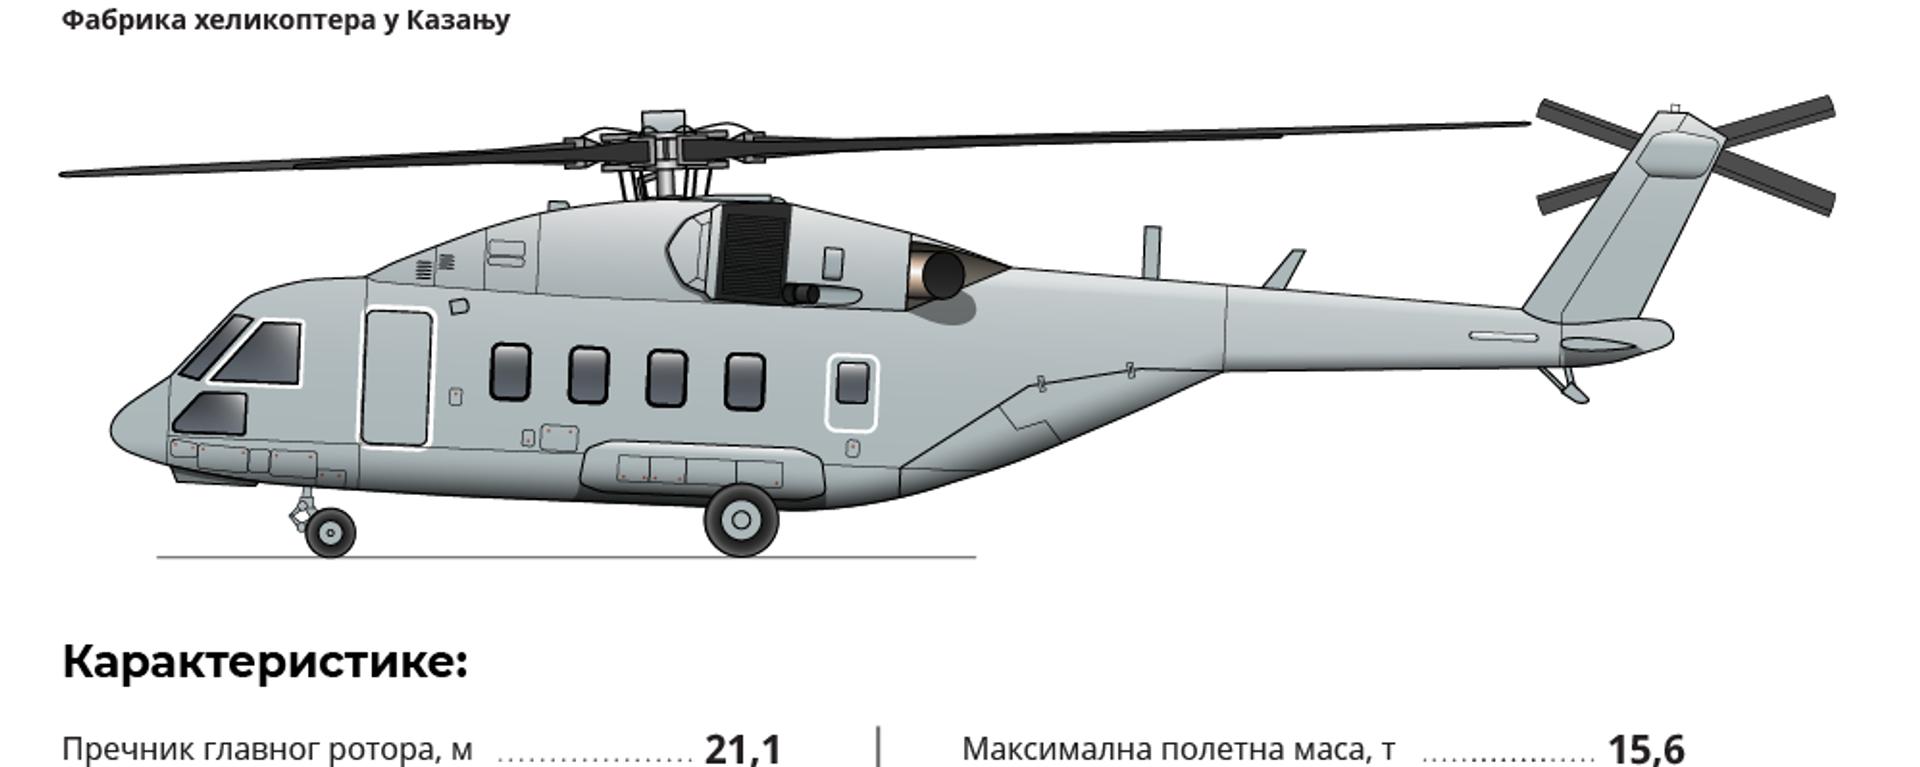 Хеликоптер Ми-38Т - Sputnik Србија, 1920, 09.12.2019